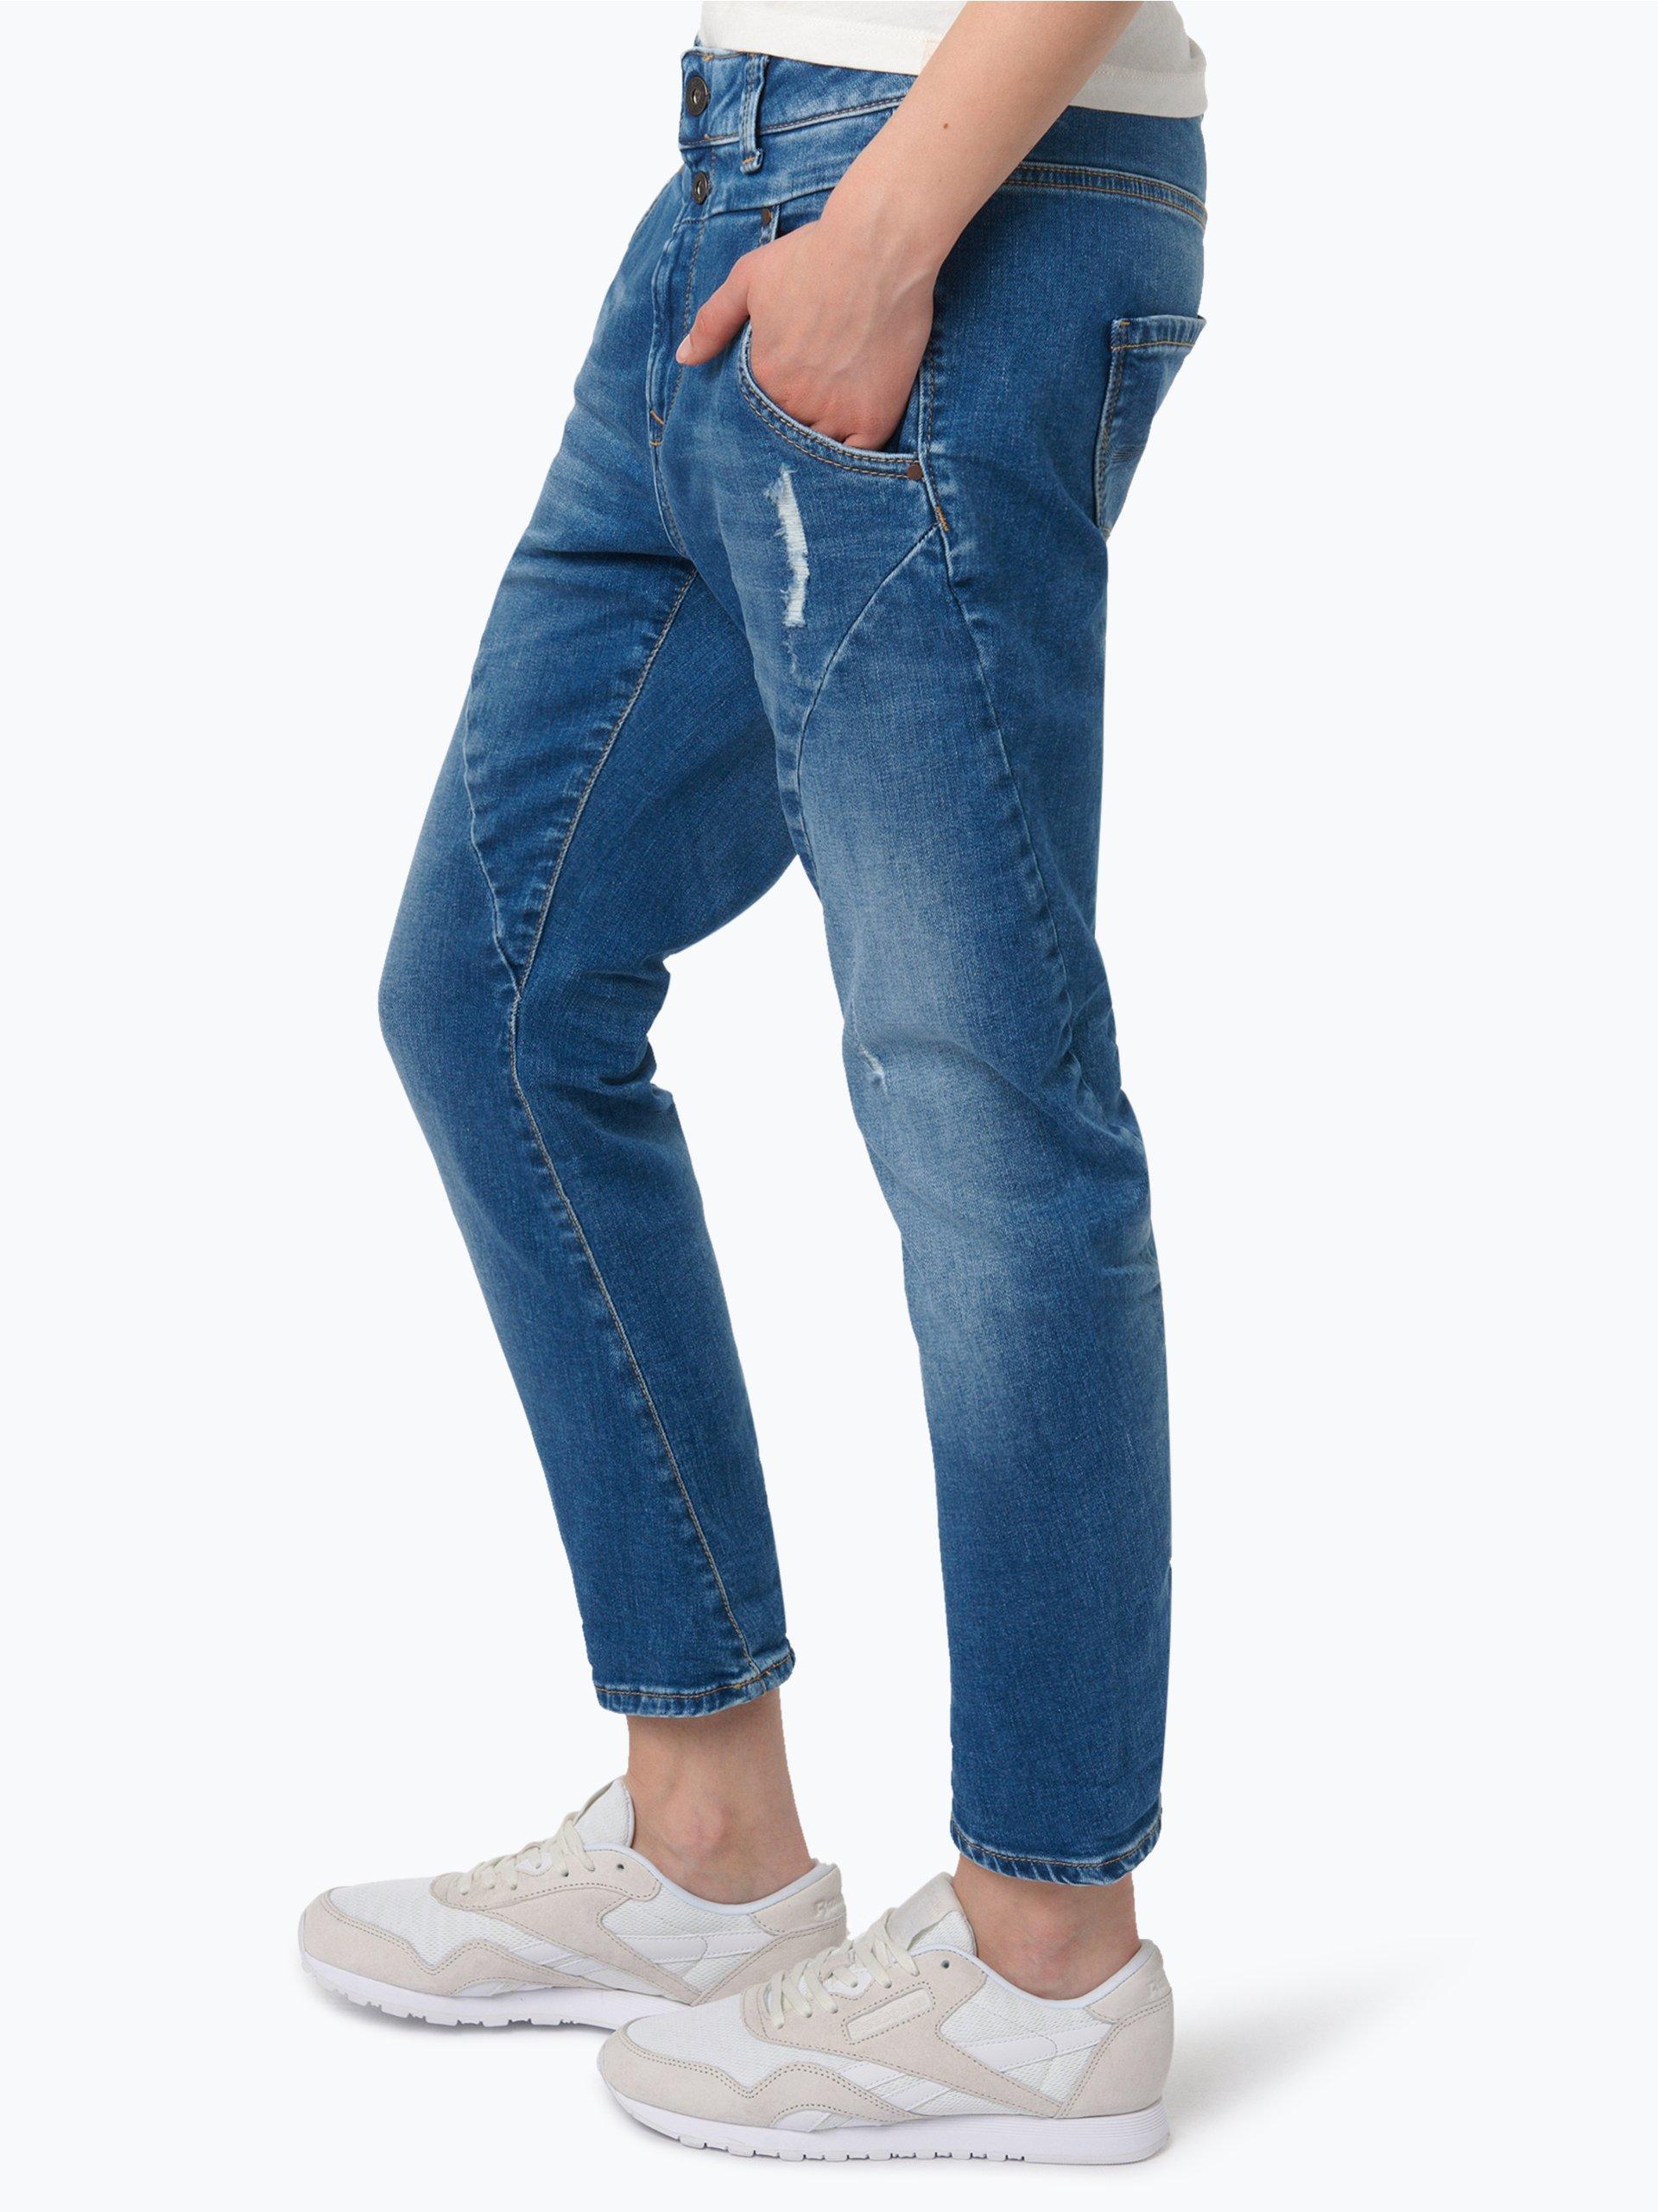 pepe jeans damen jeans topsy blau uni online kaufen vangraaf com. Black Bedroom Furniture Sets. Home Design Ideas